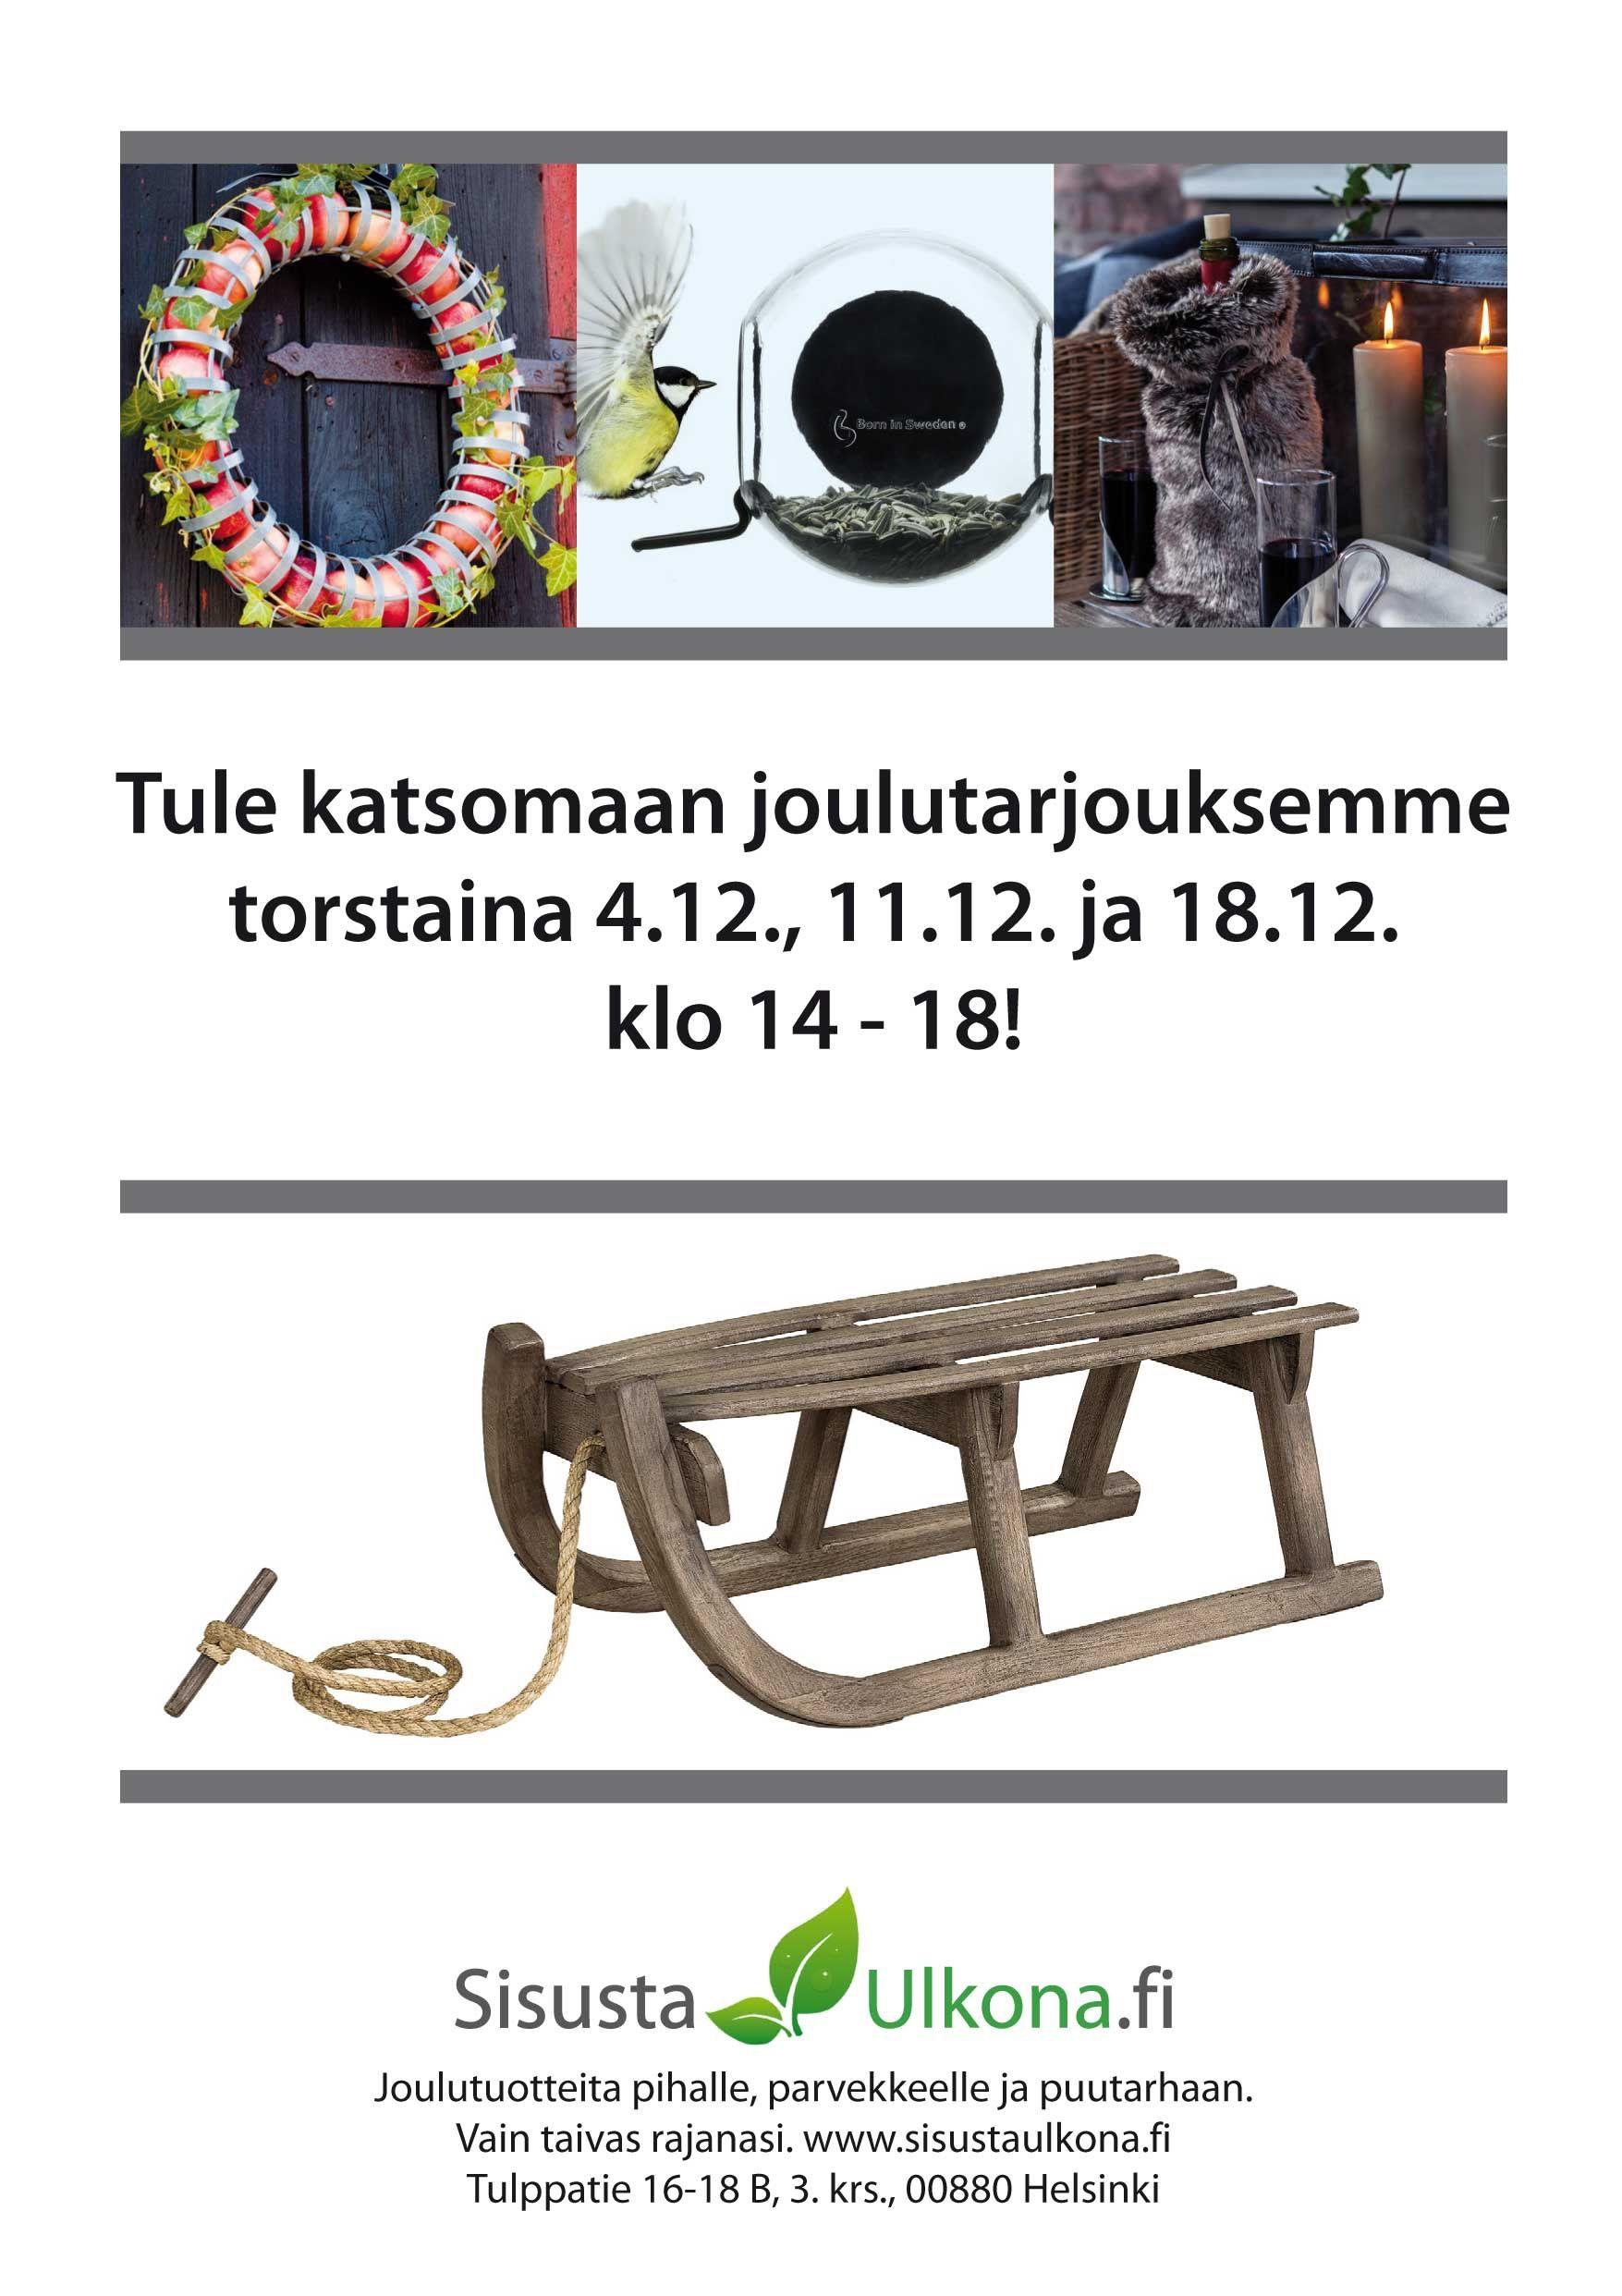 Tervetuloa joulumyyjäisiimme Helsingin Roihupeltoon! Jos se ei onnistu, niin seuraa verkkokaupassamme www.sisustaulkona.fi tai Facebookissa päivittäin vaihtuvia tarjouksiamme!